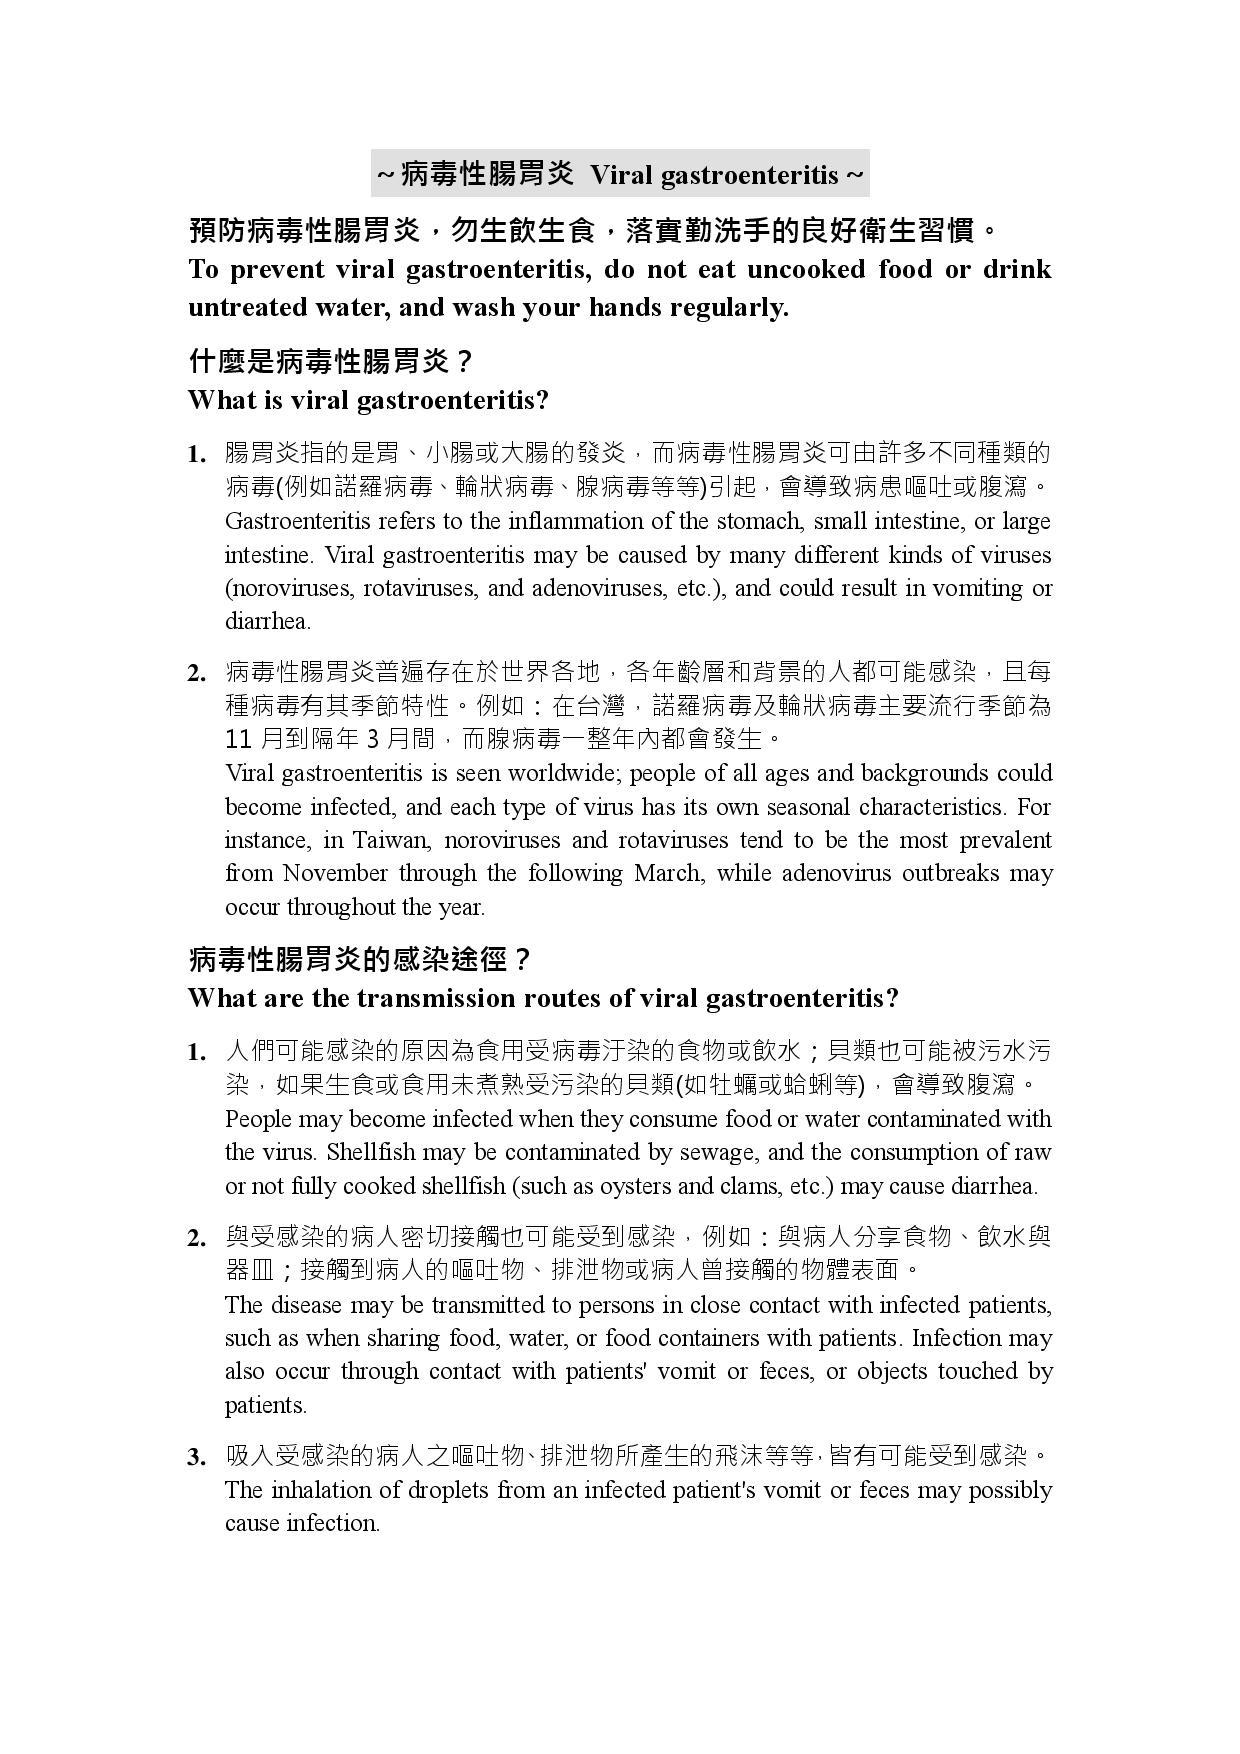 詳如附件【click me】To prevent viral gastroenteritis(Page 1)預防病毒性腸胃炎(英文)